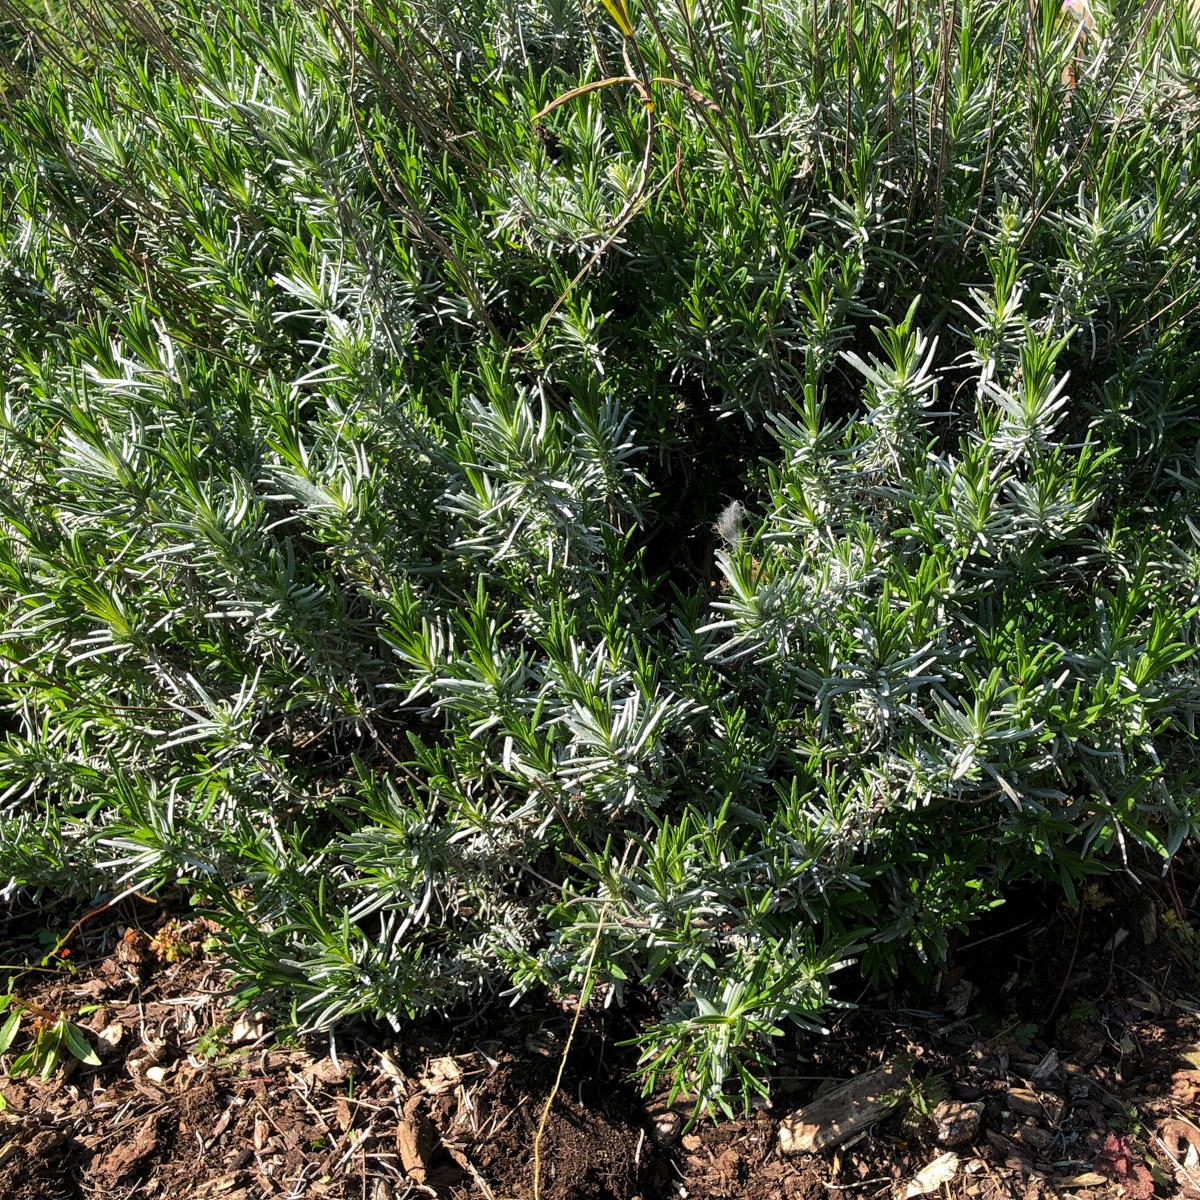 Vierjarige lavendelplant: de bak is niet meer te zien